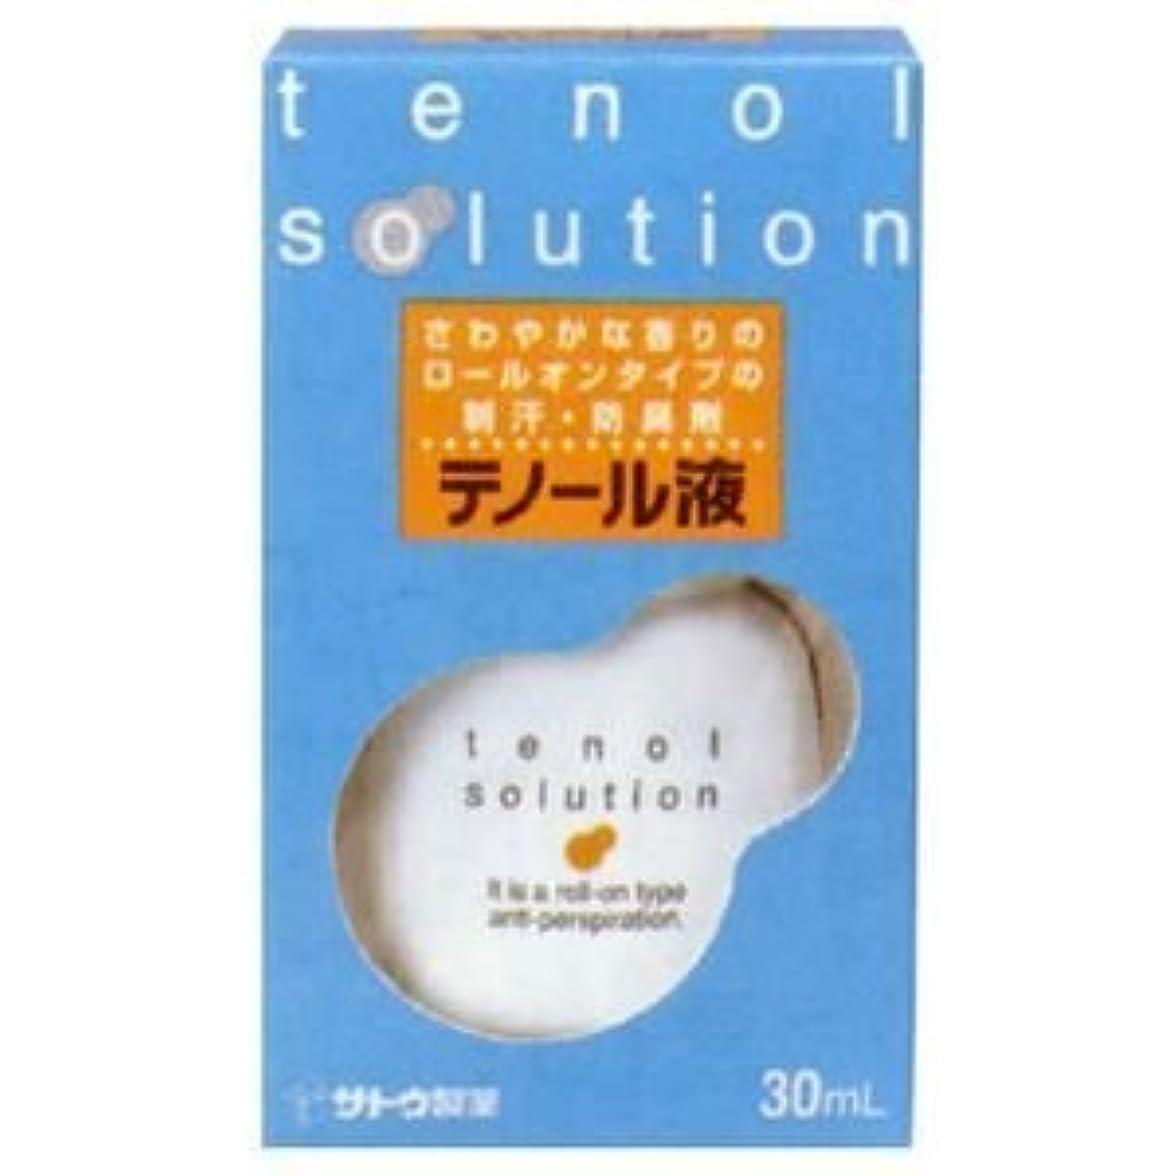 洞察力カフェ計算佐藤製薬 テノール液(30ml)×2